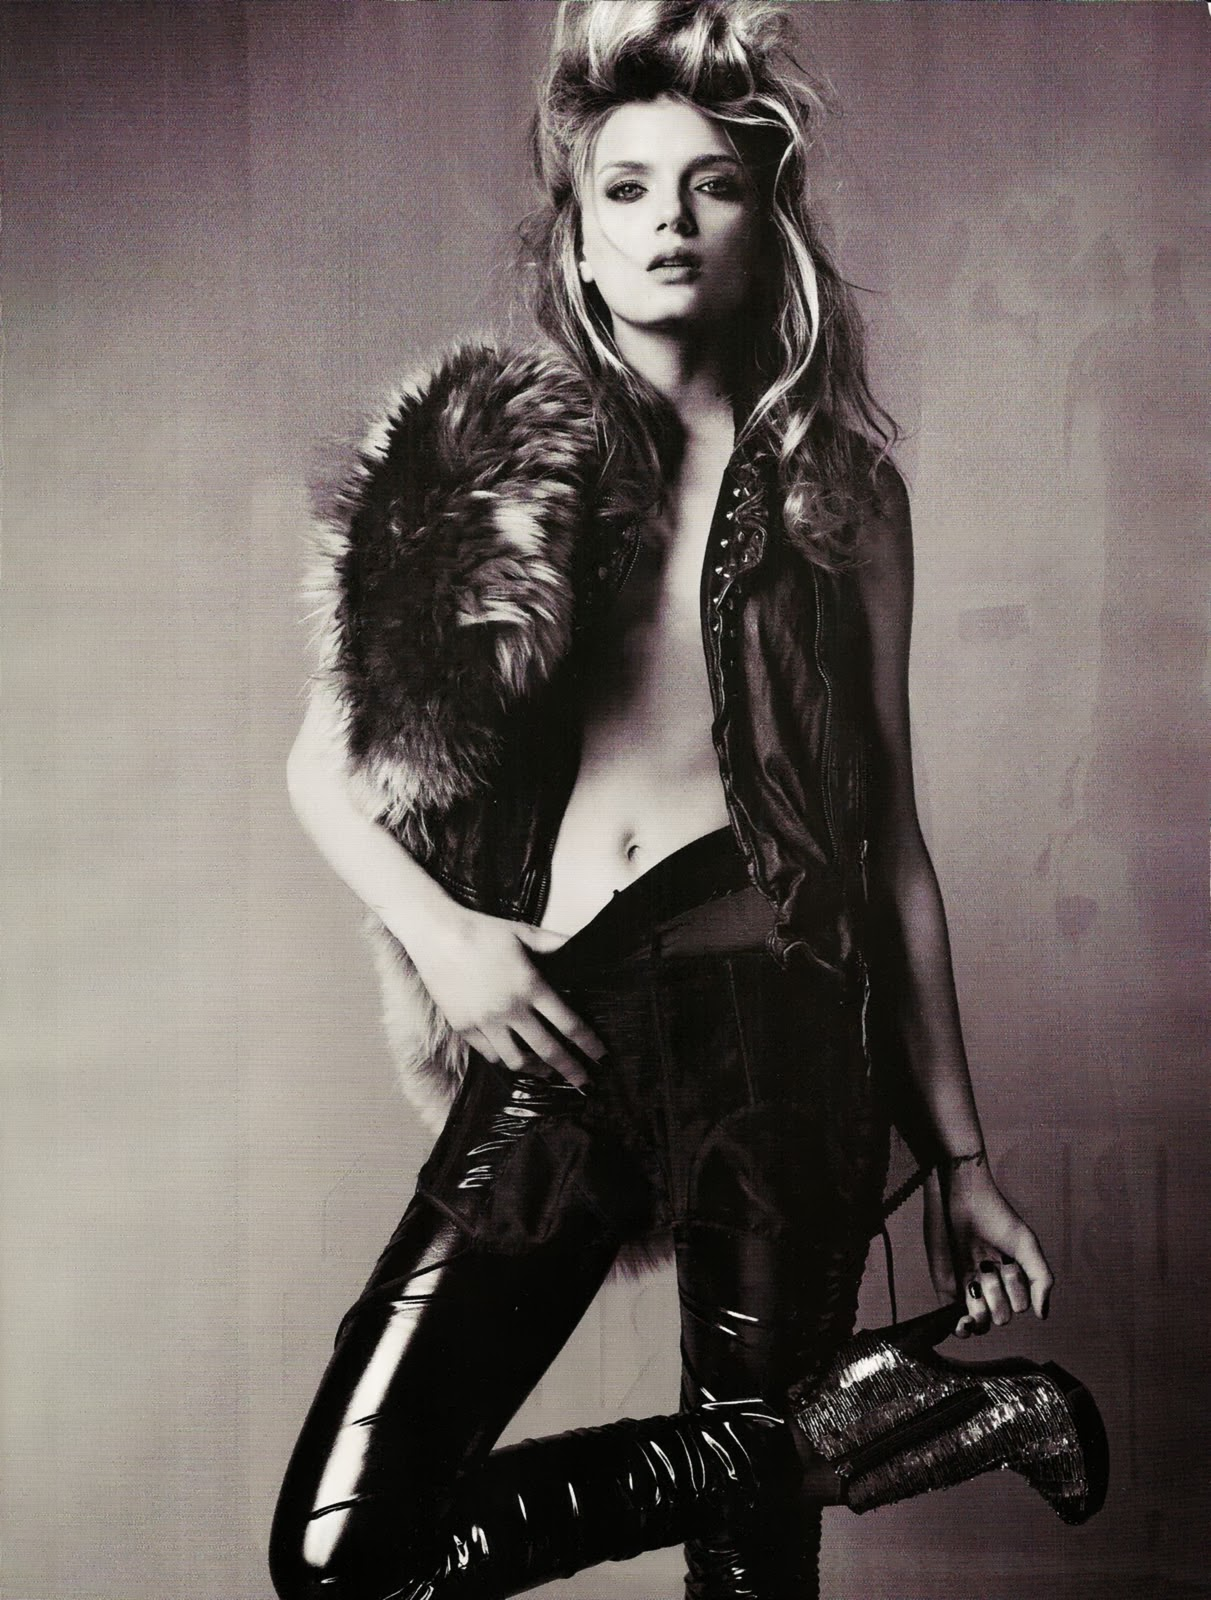 Tendencias Compartidas Moda En El Dise O Glam Rock Interpretaci N De Un Look